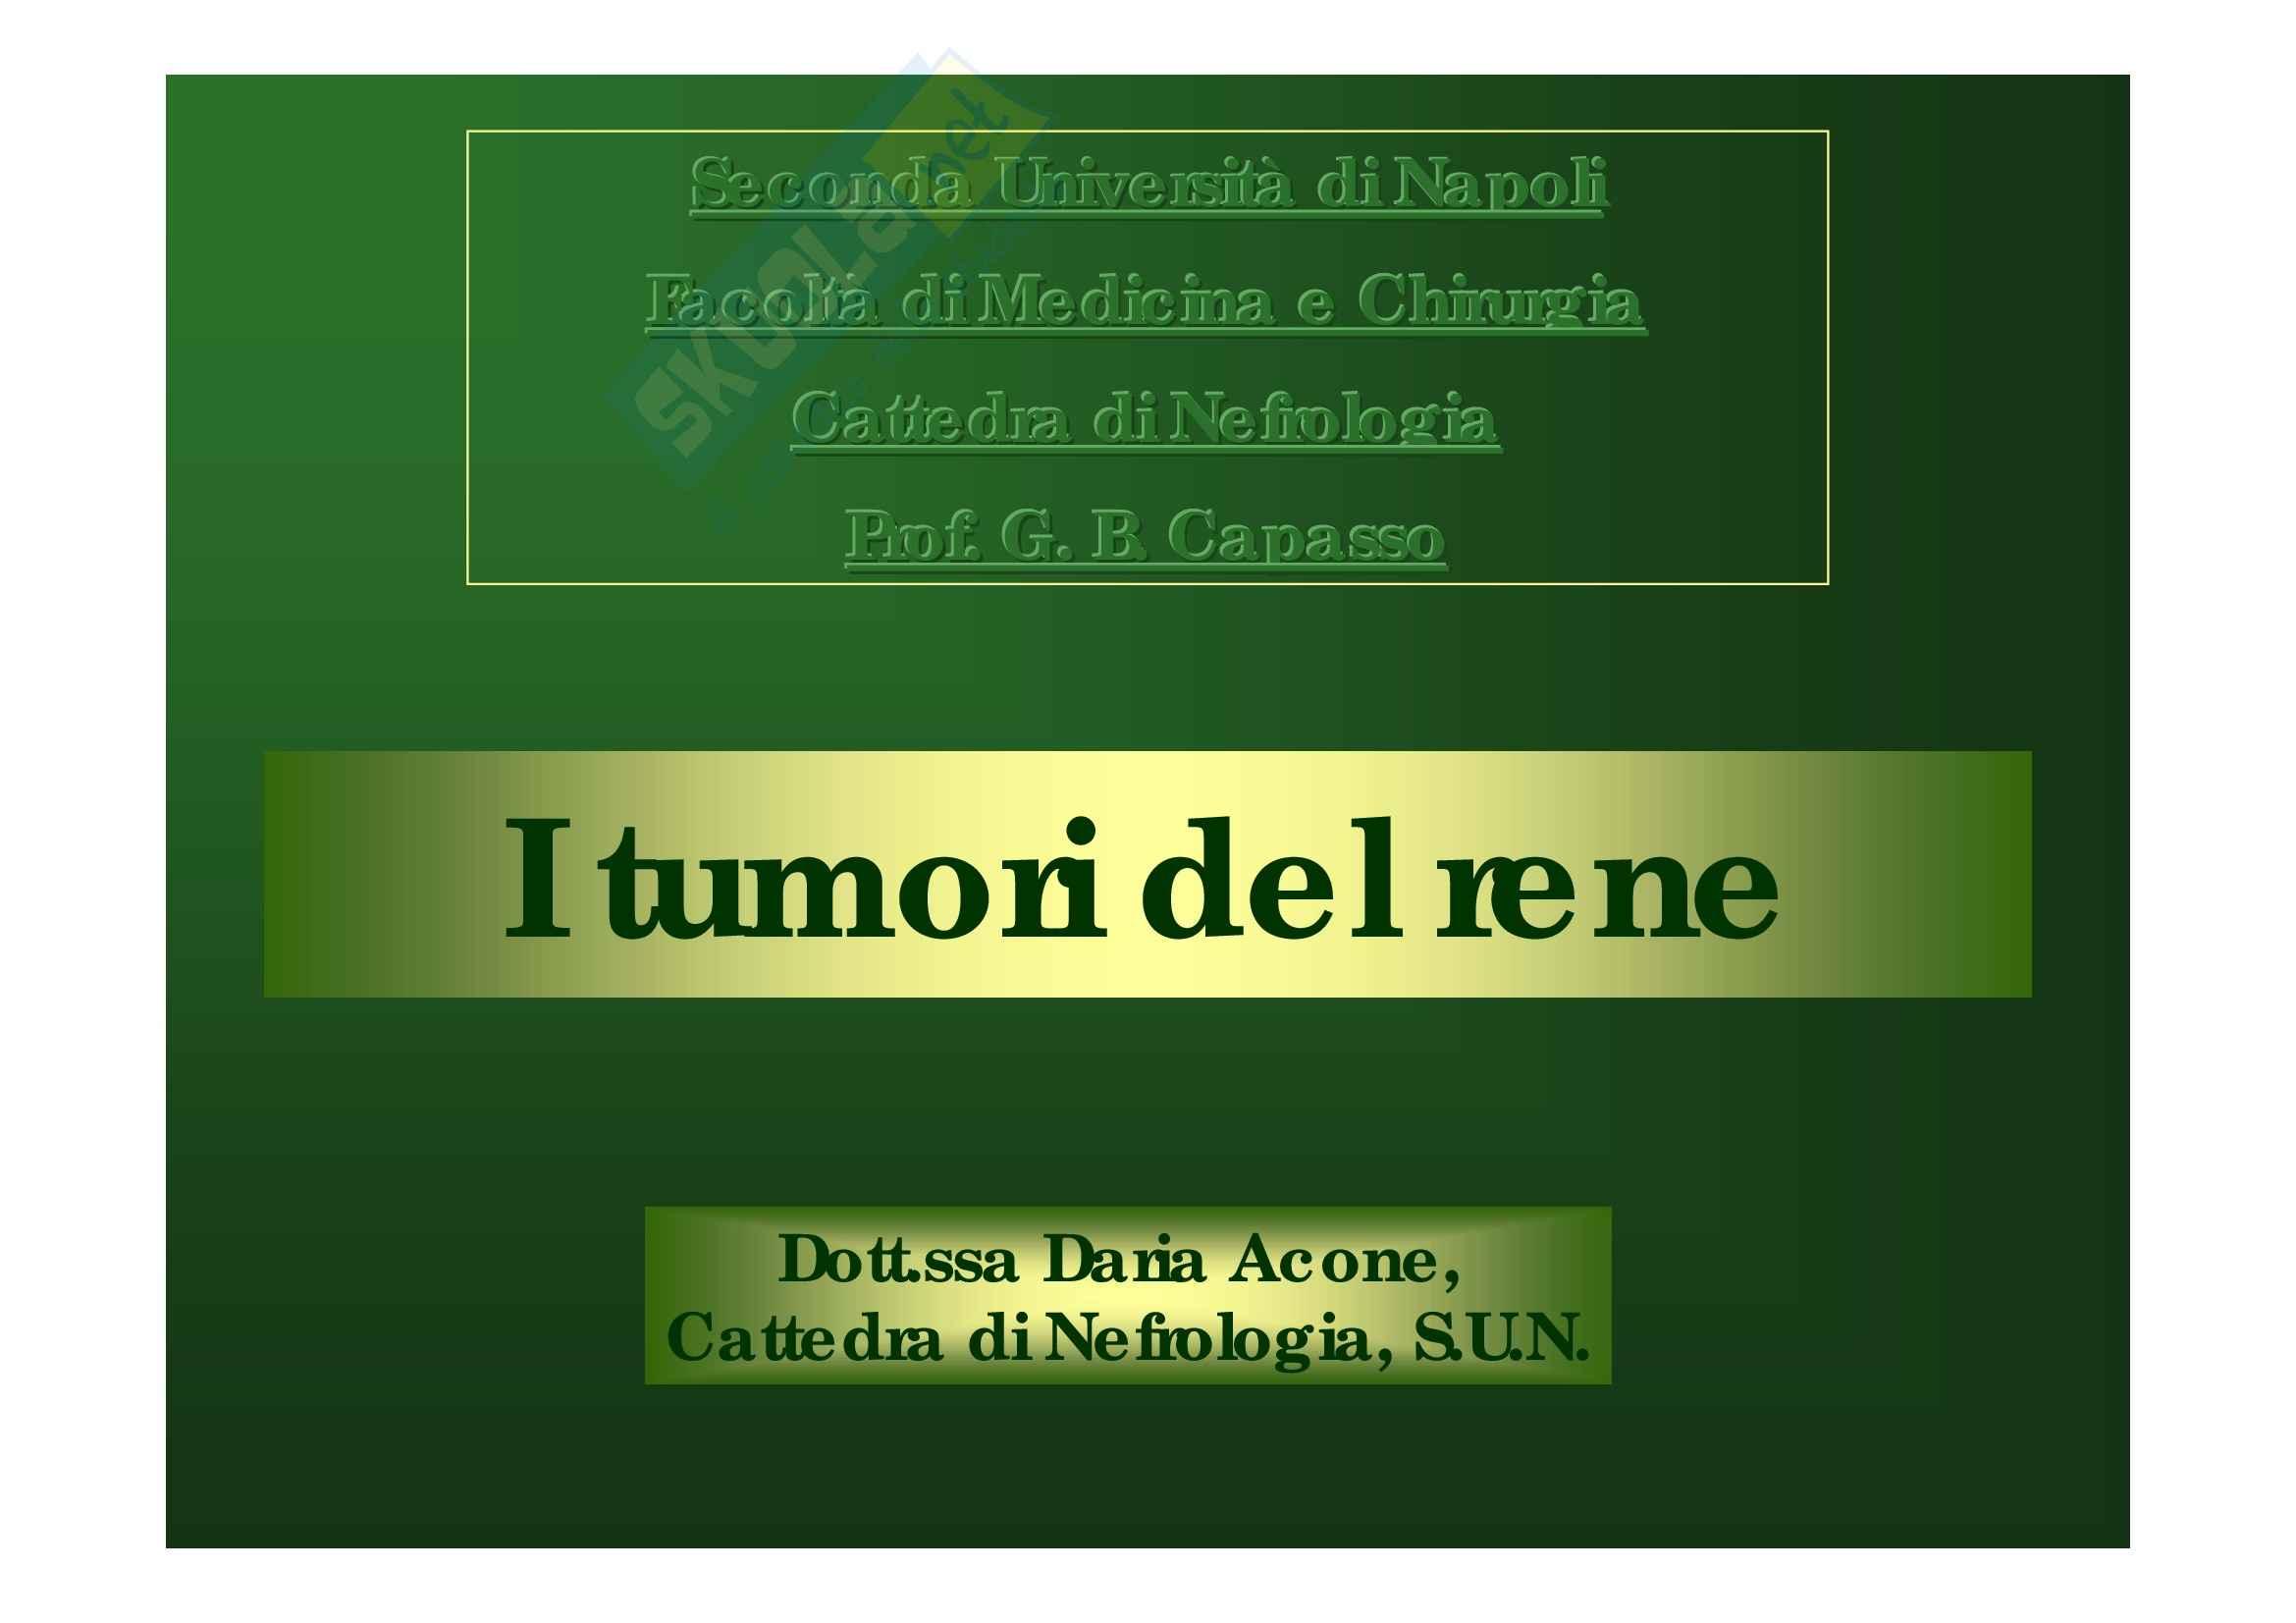 Malattie del rene e delle vie urinarie - tumori del rene